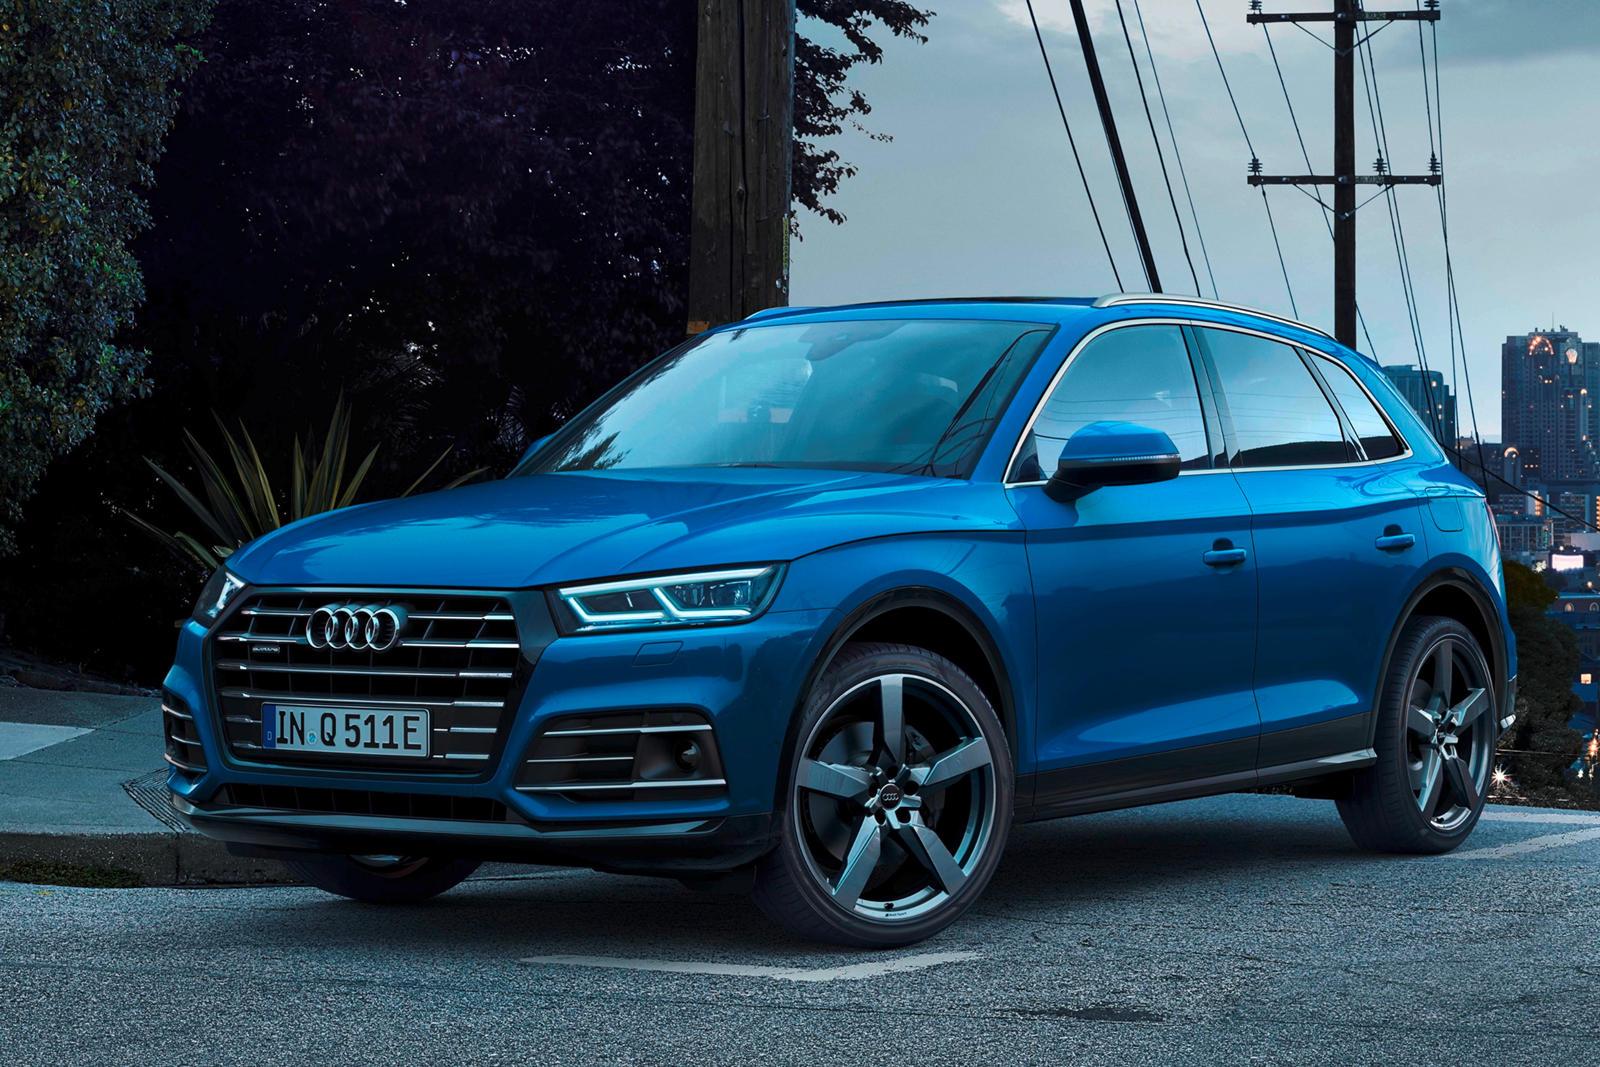 Kelebihan Kekurangan Audi 15 Spesifikasi